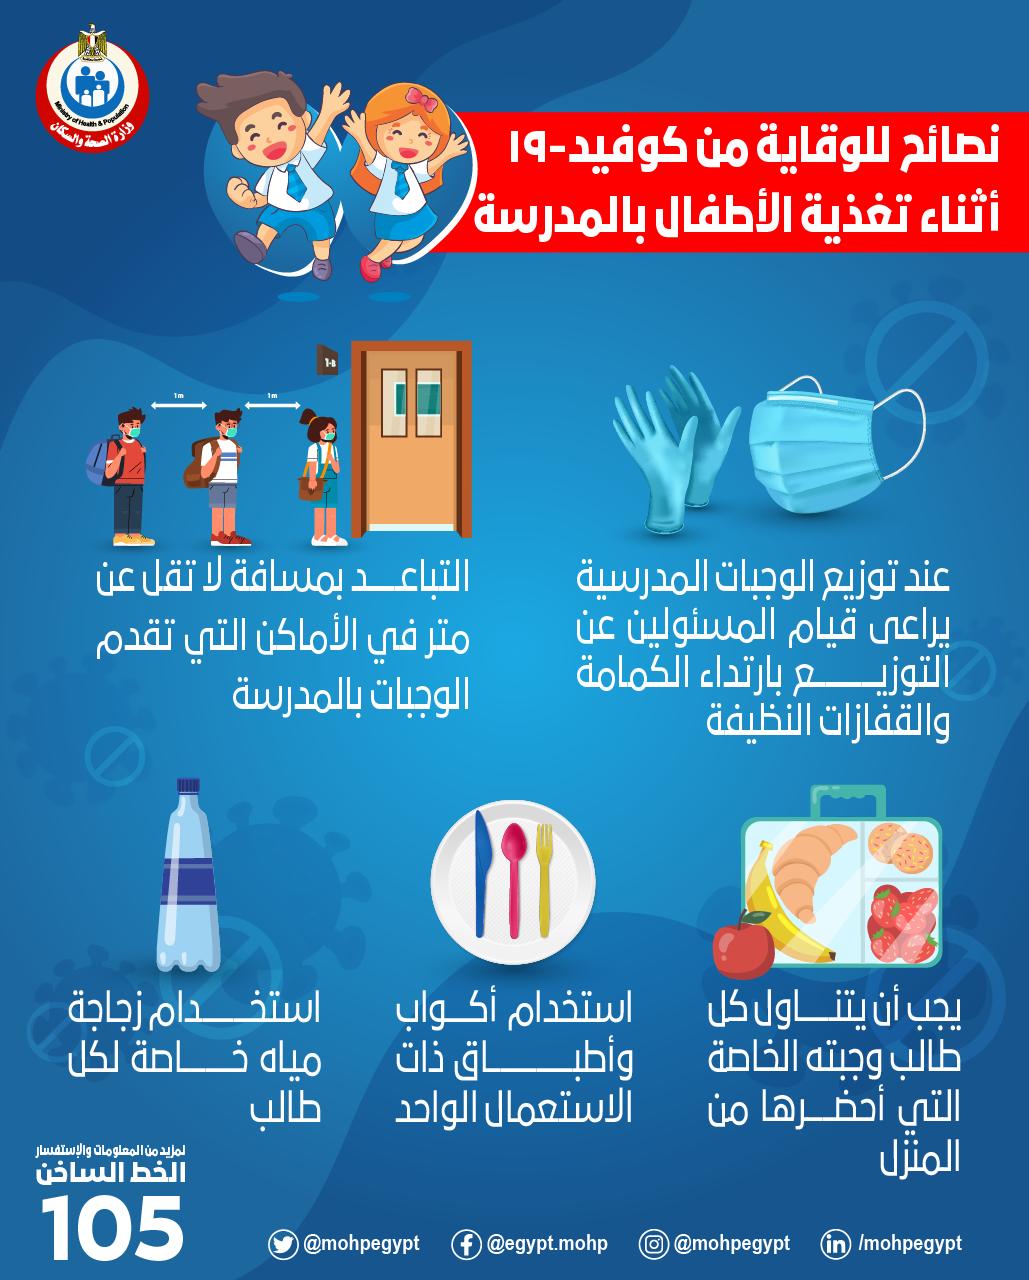 5 نصائح للوقاية من فيروس كورونا أثناء تغذية الأطفال فى المدرسة انفوجراف اليوم السابع